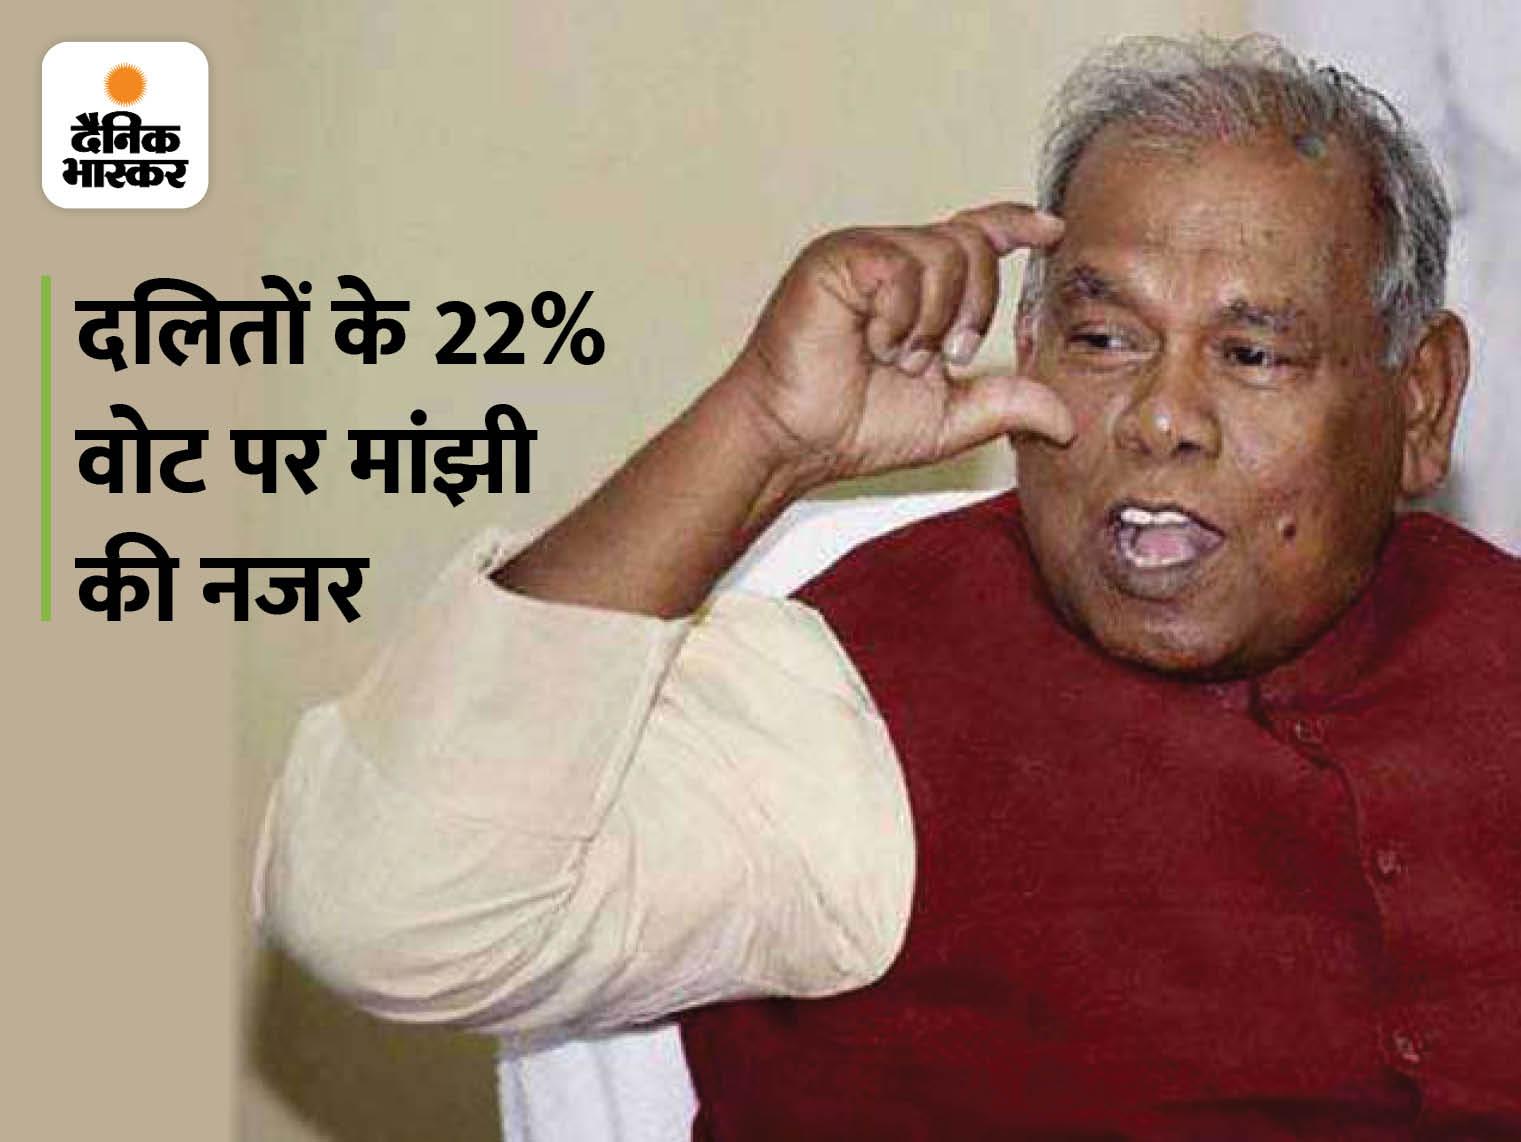 VIP के बाद अब बिहार की HAM पार्टी की यूपी में एंट्री, लखनऊ पहुंचे जीतनराम मांझी के बेटे; बोले- हम यहां भी चुनाव लड़ेंगे|लखनऊ,Lucknow - Dainik Bhaskar